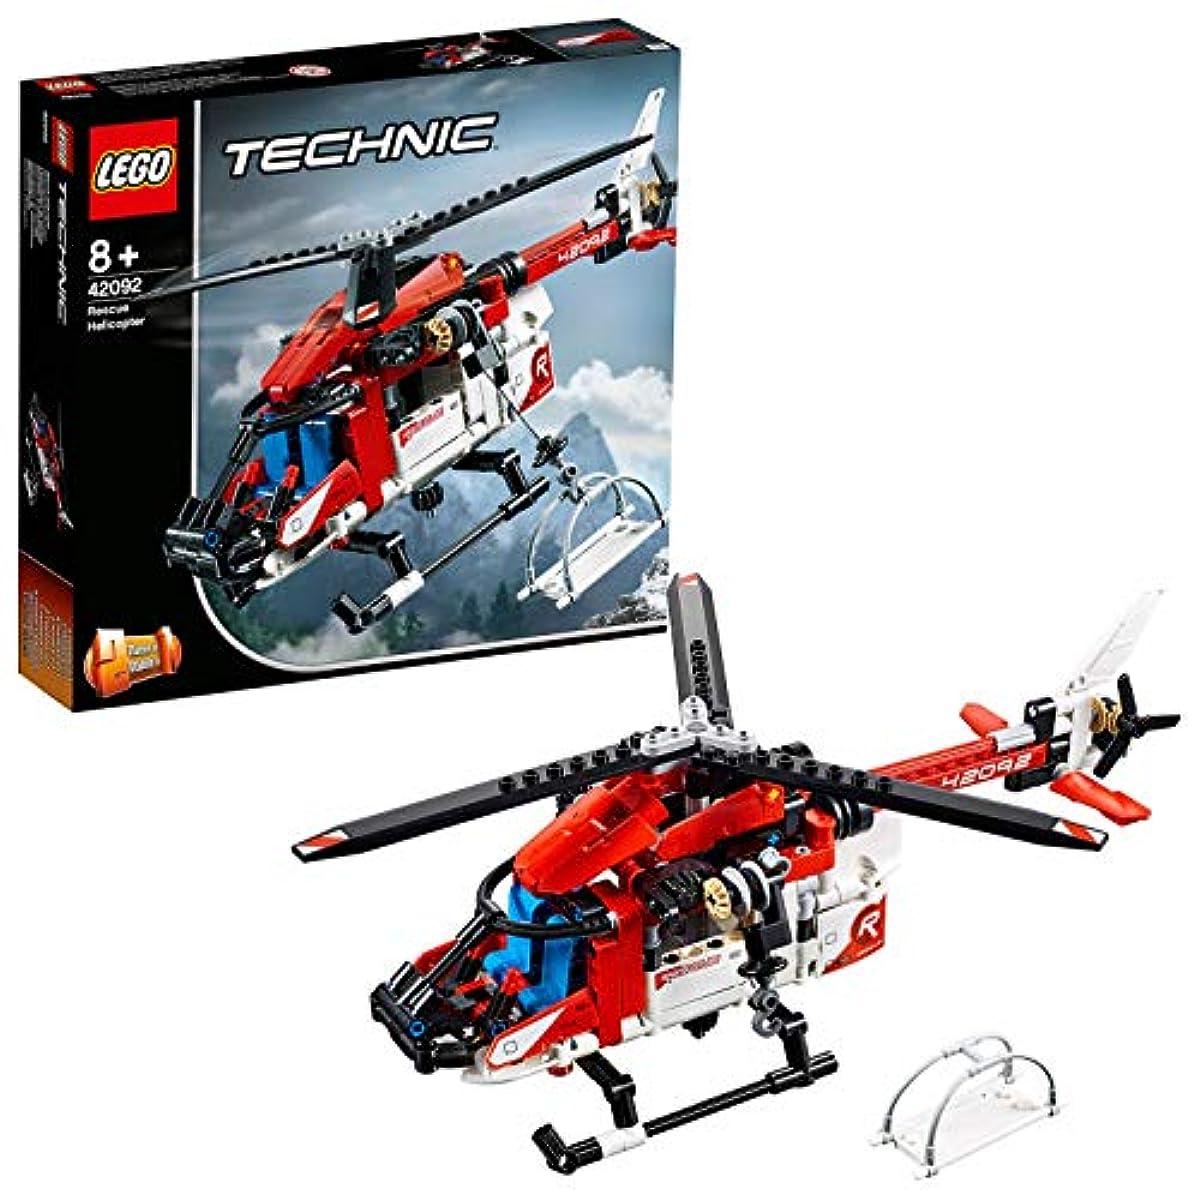 [해외] 레고(LEGO) 테크닉 구조 헬리컵터 42092 교육 완구 블럭 장난감 사내 아이